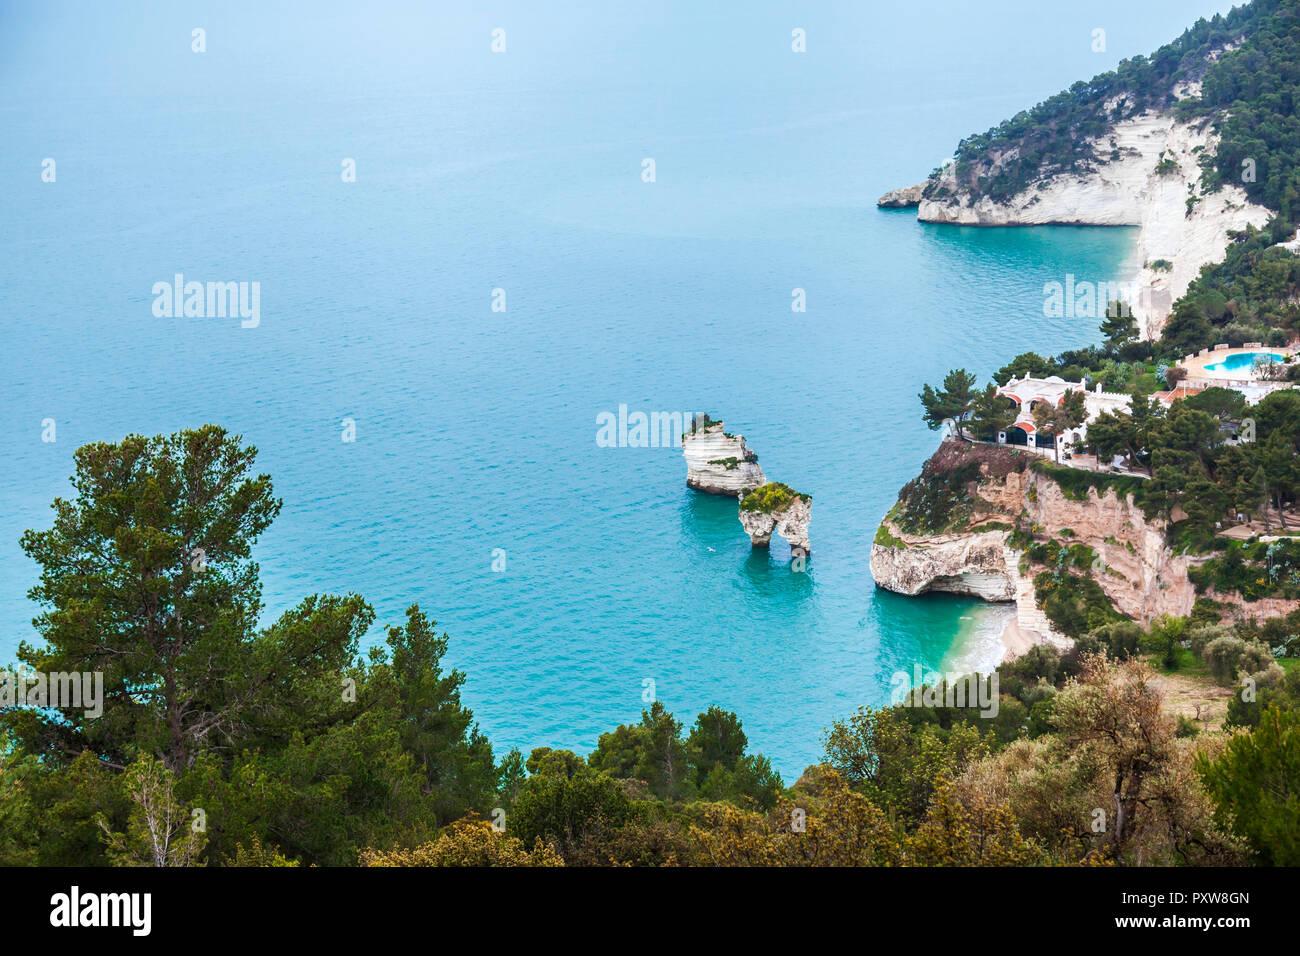 Italy, Puglia, Mattinata, Adriatic Sea, Faraglioni beach and Baia delle Zagare beach - Stock Image